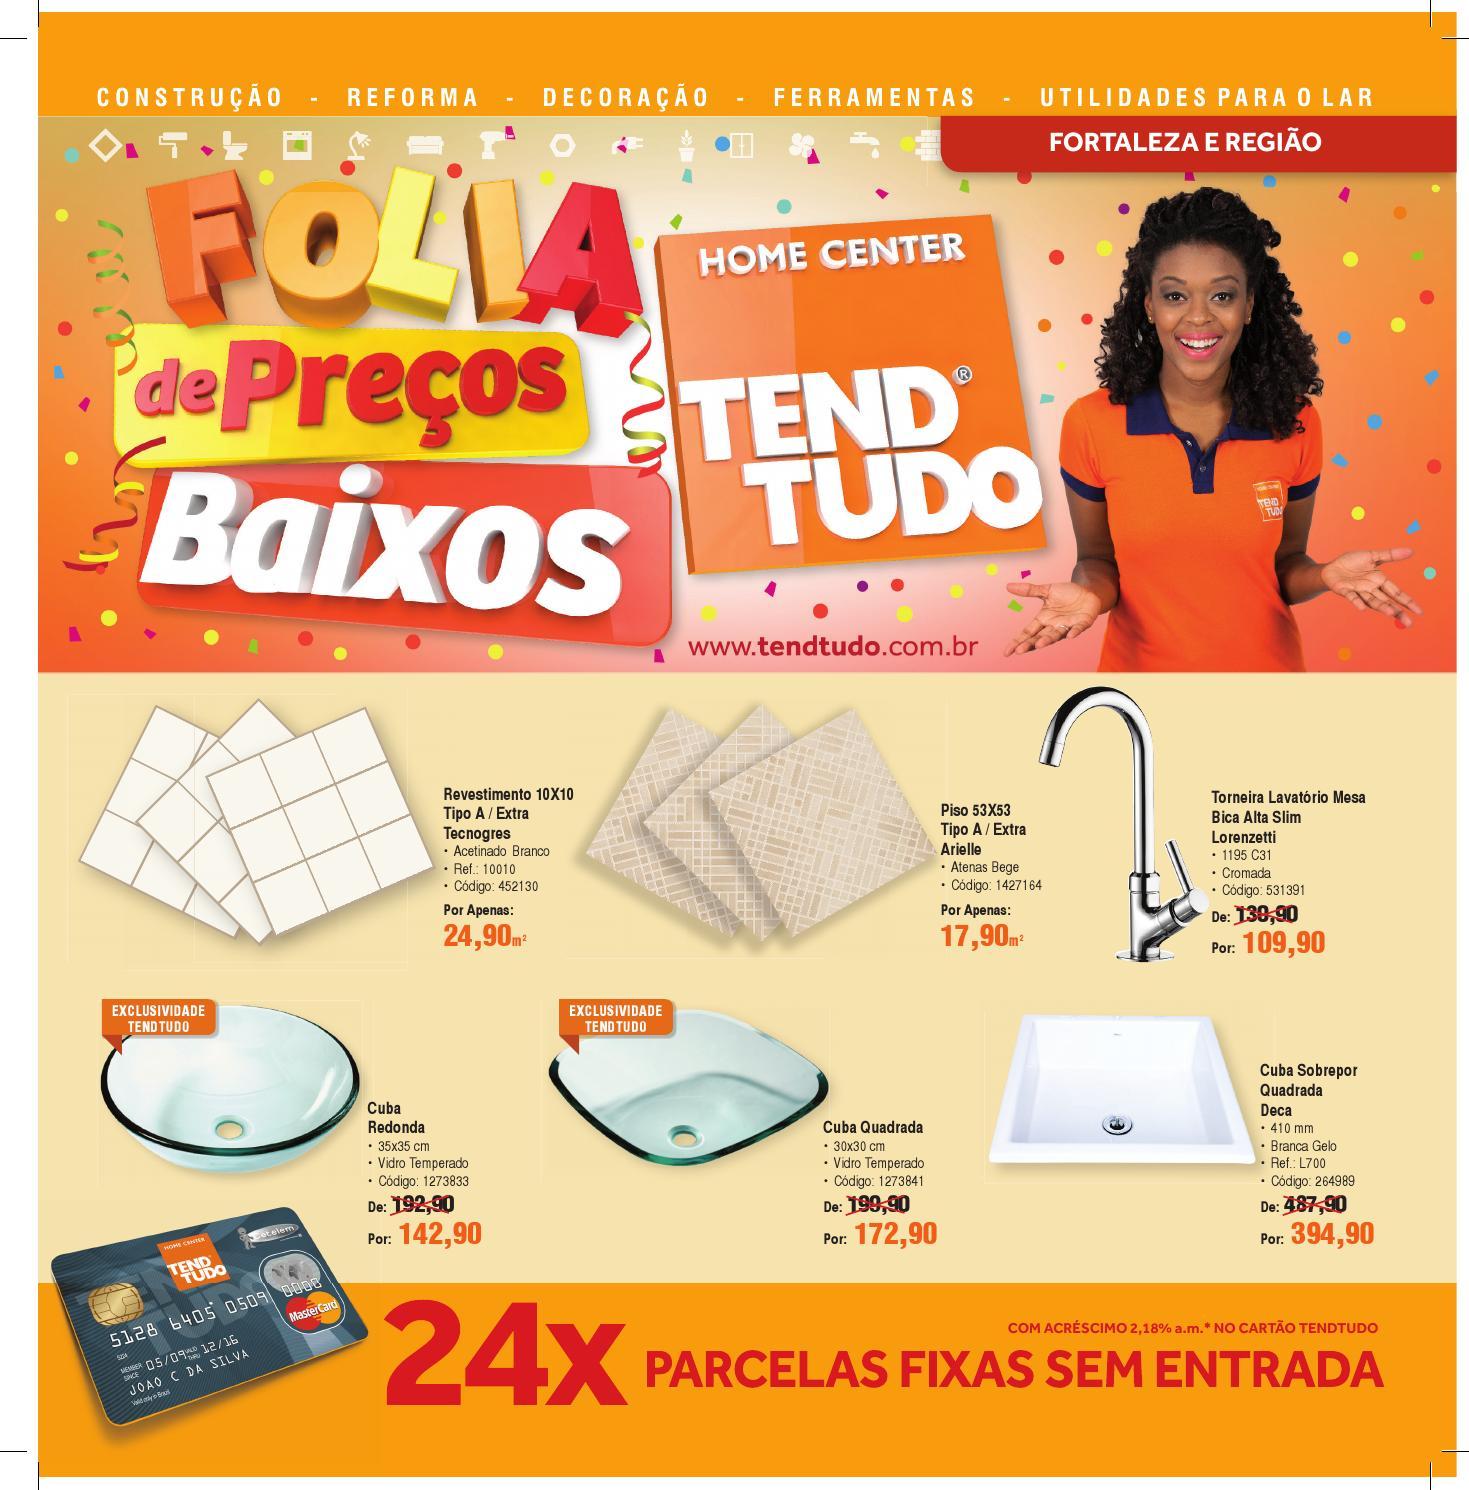 Folia de Preços Baixos TendTudo Fortaleza by BR Home Centers  issuu -> Cuba Para Banheiro Na Tend Tudo